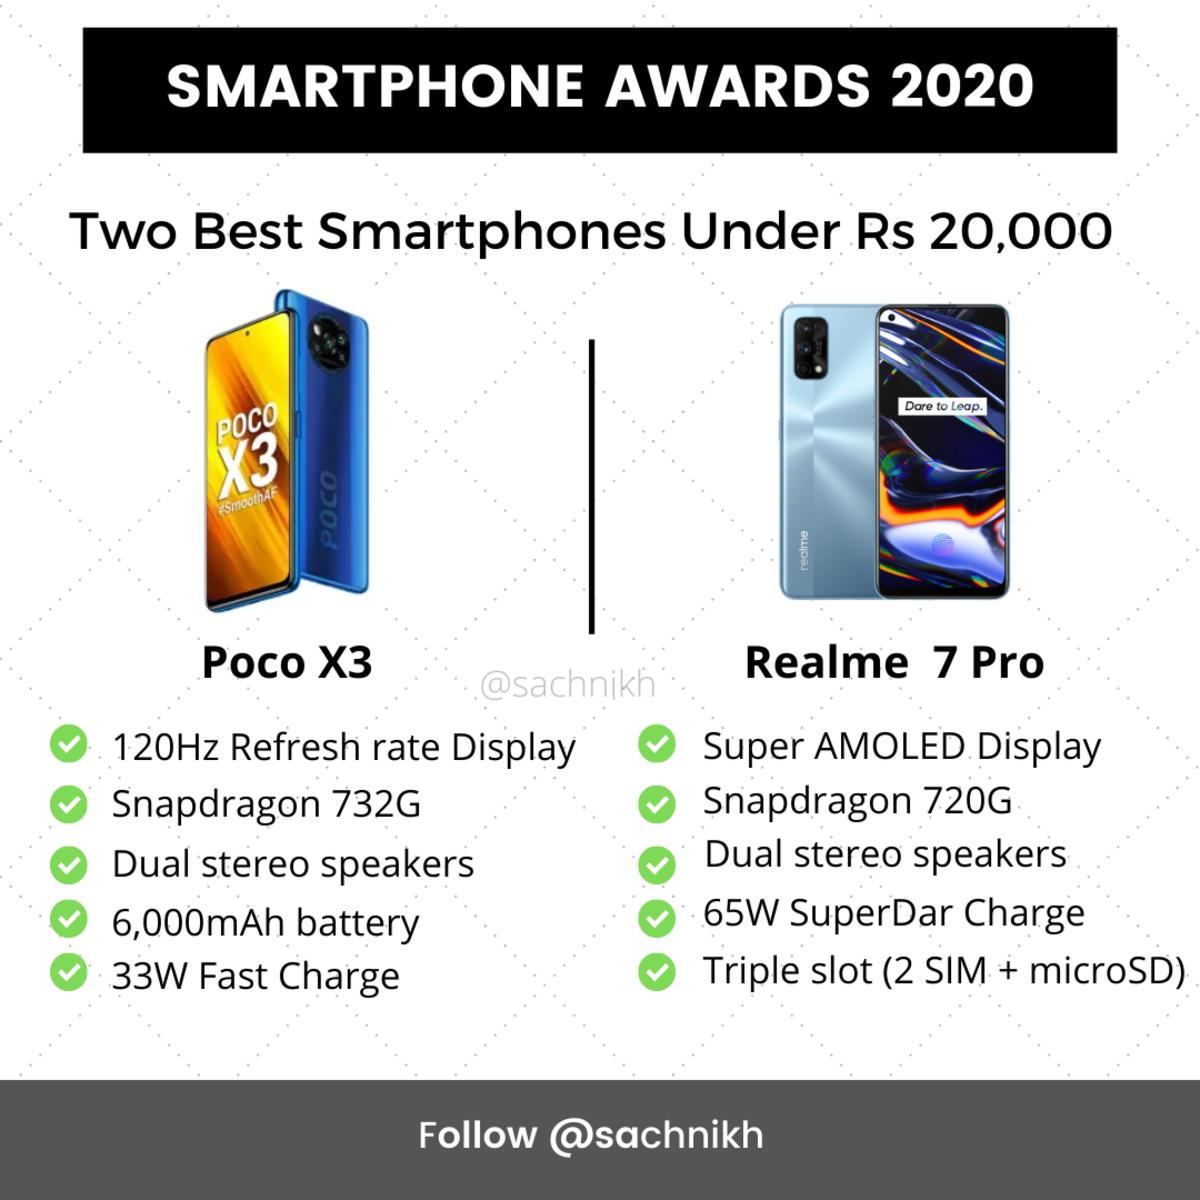 Realme 7 Pro and Poco X3